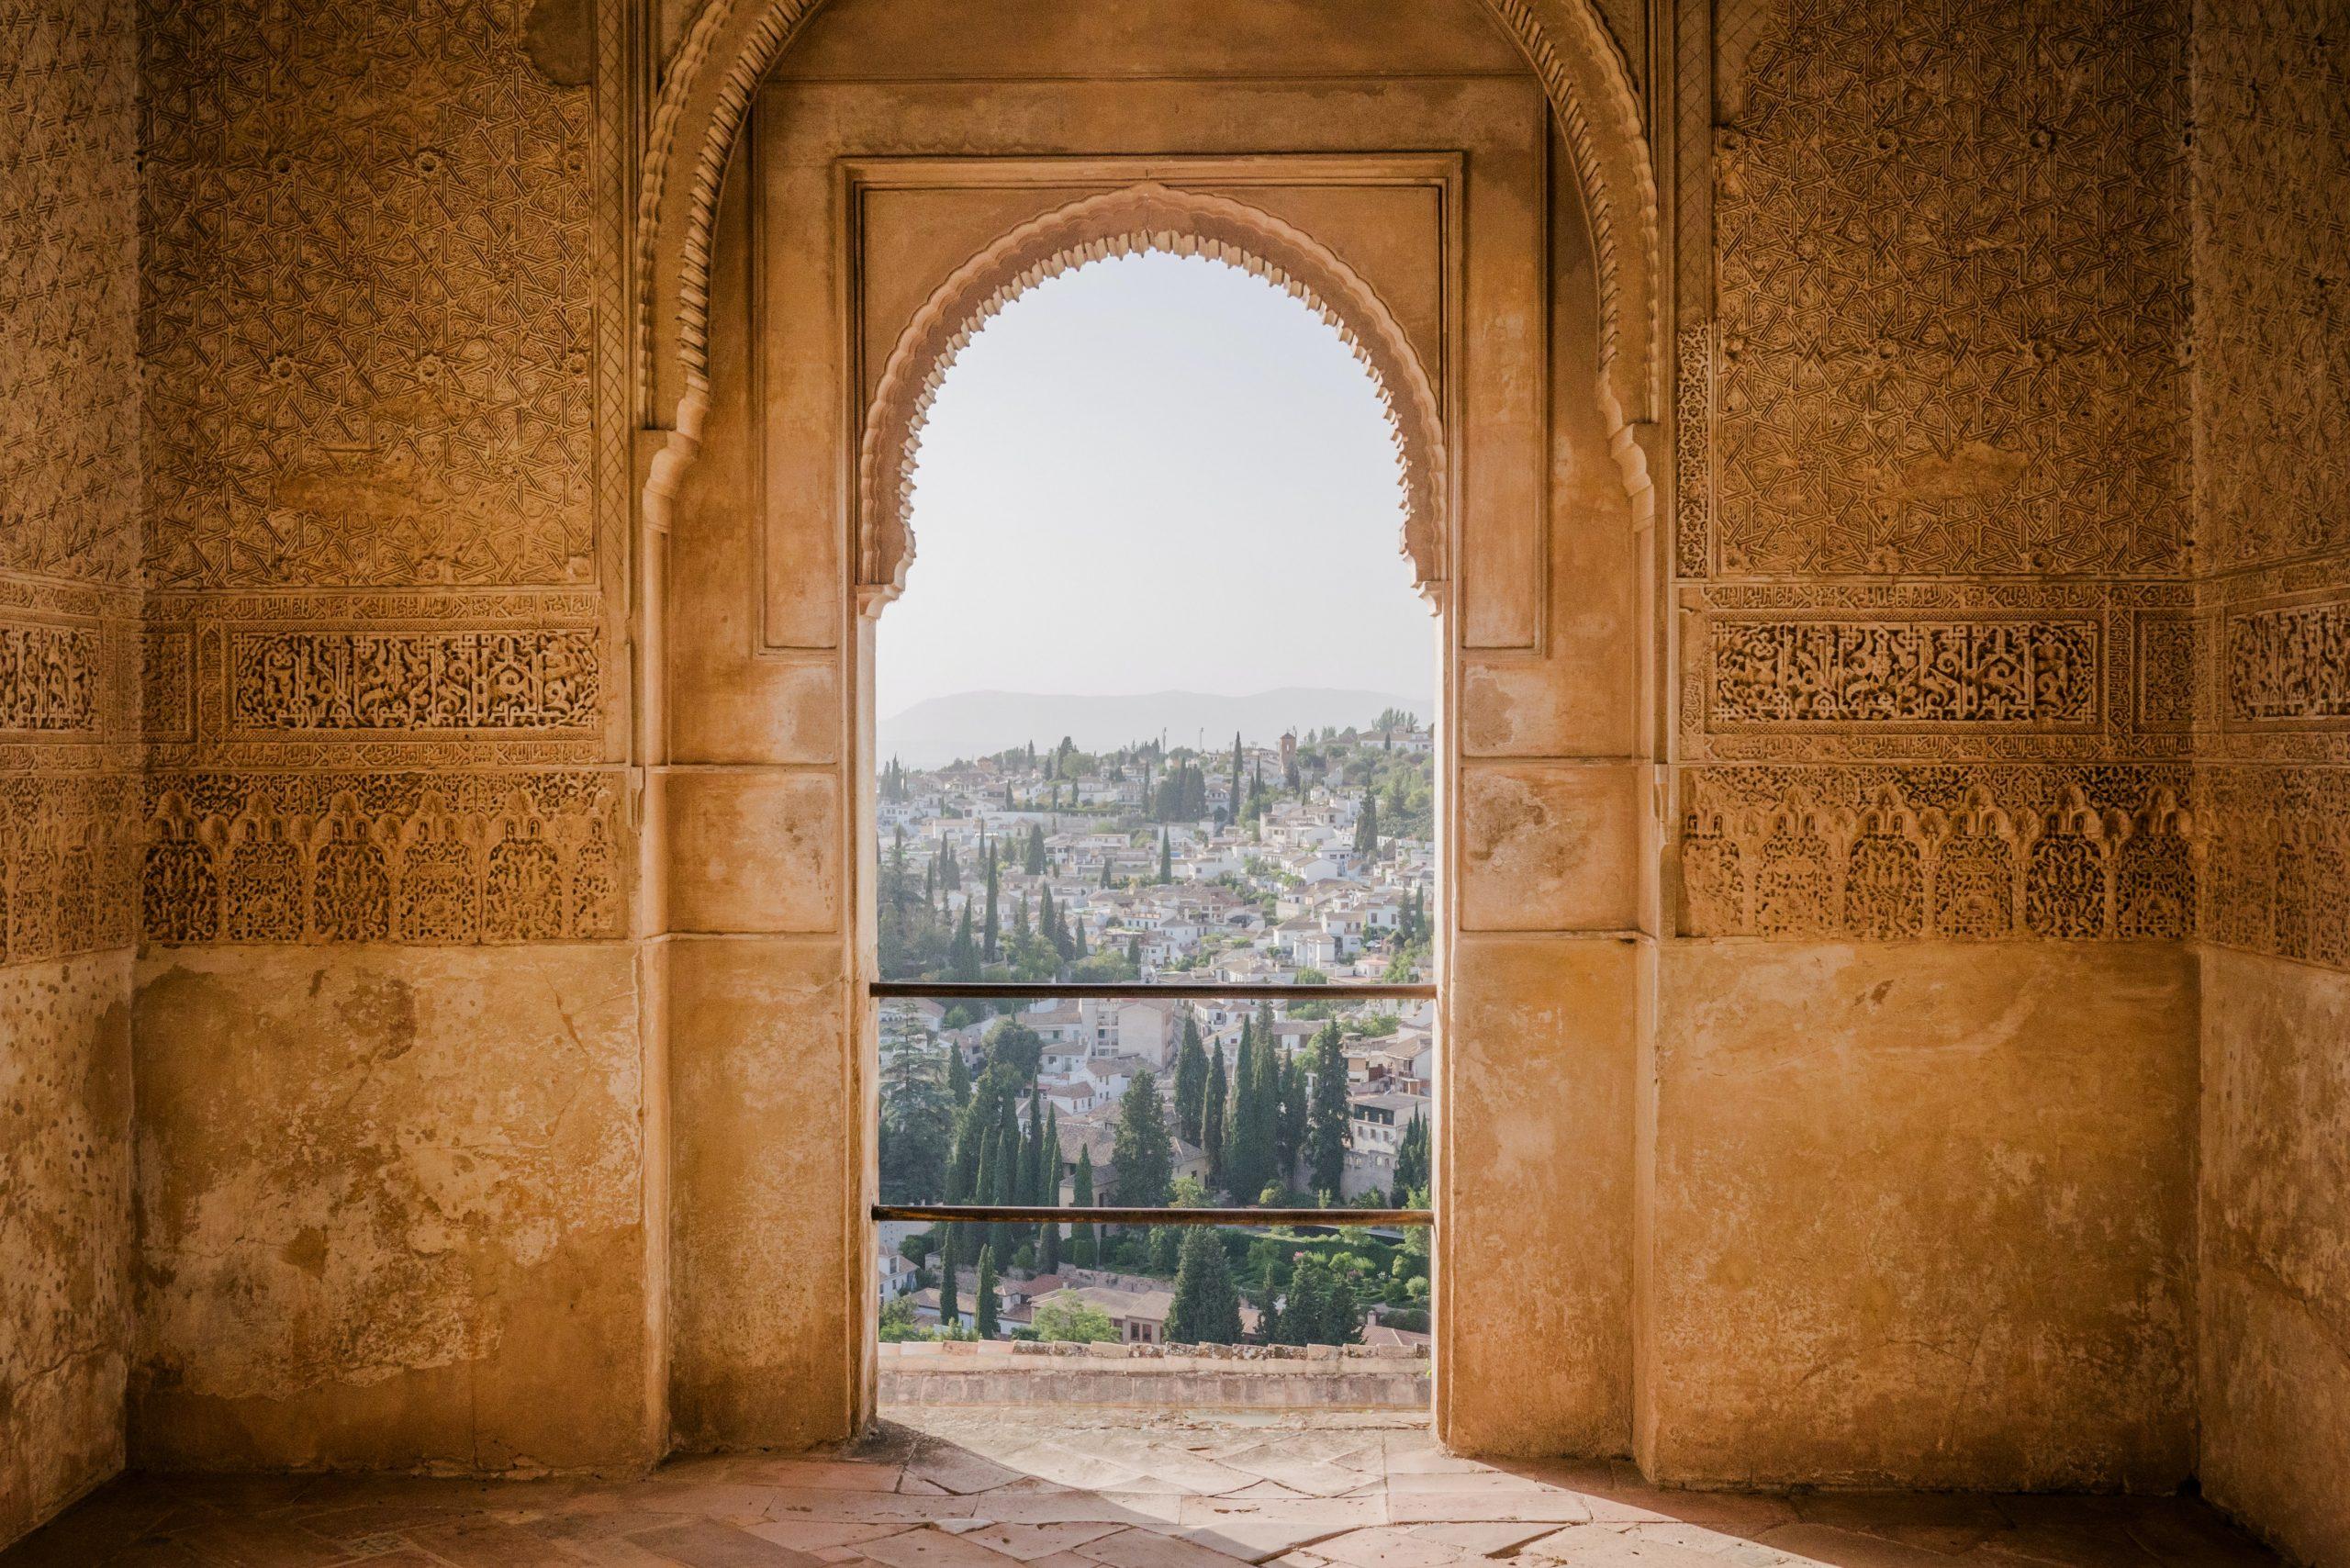 La paradoxa en l'islam. Espiritualitat i perplexitat. Déu